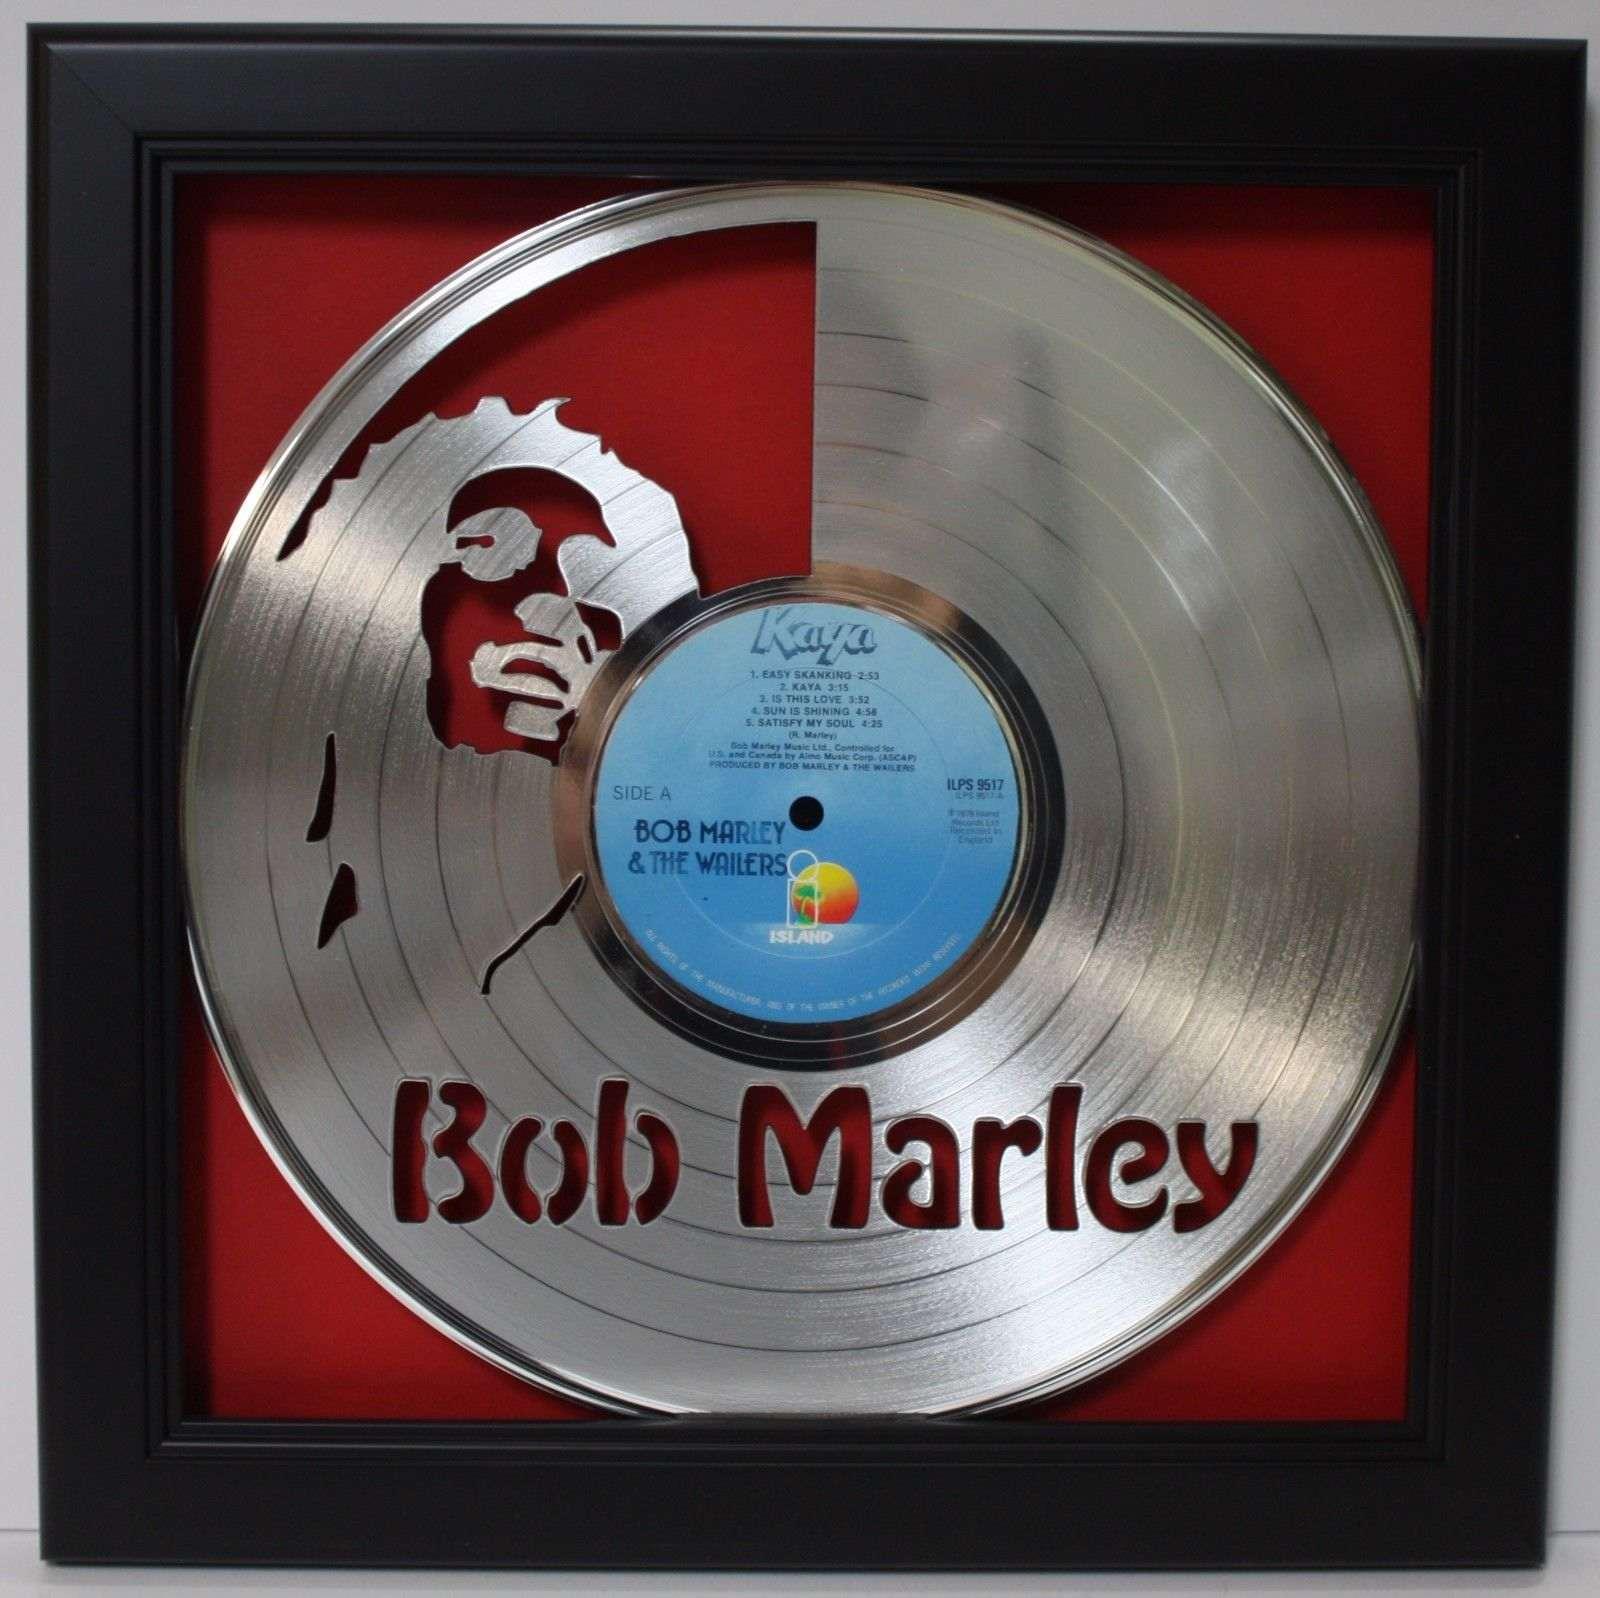 Bob Marley Framed Laser Cut Platinum Vinyl Record In